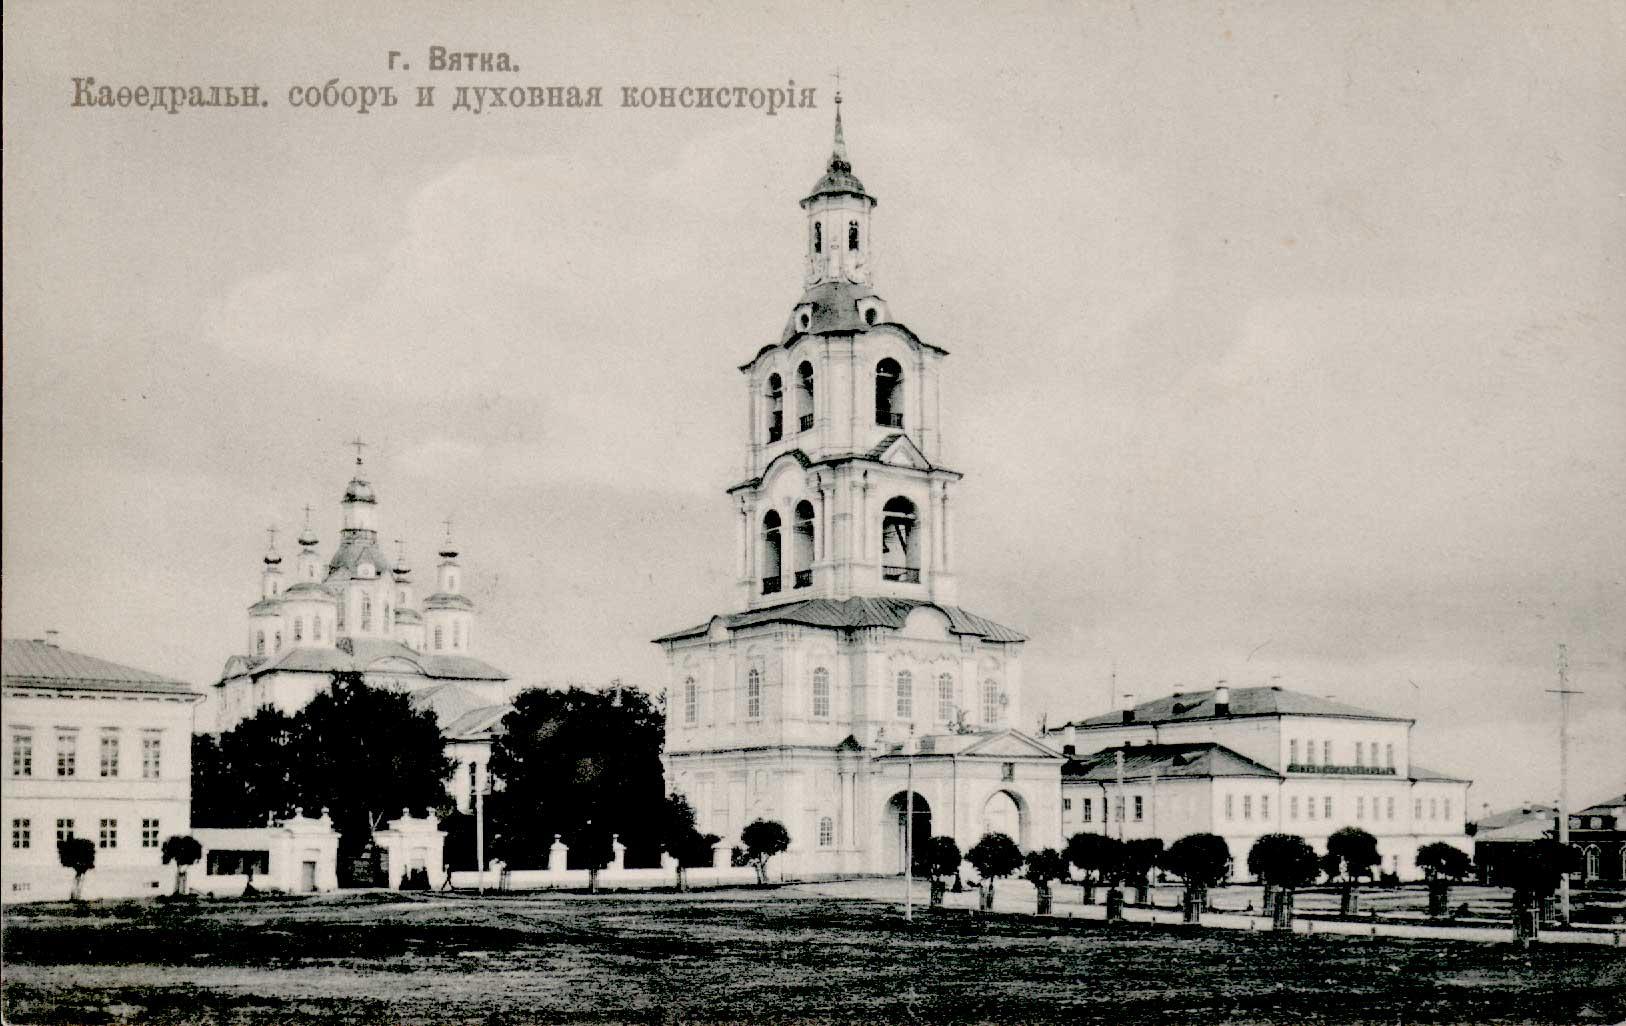 Троицкий кафедральный собор и духовная консистория